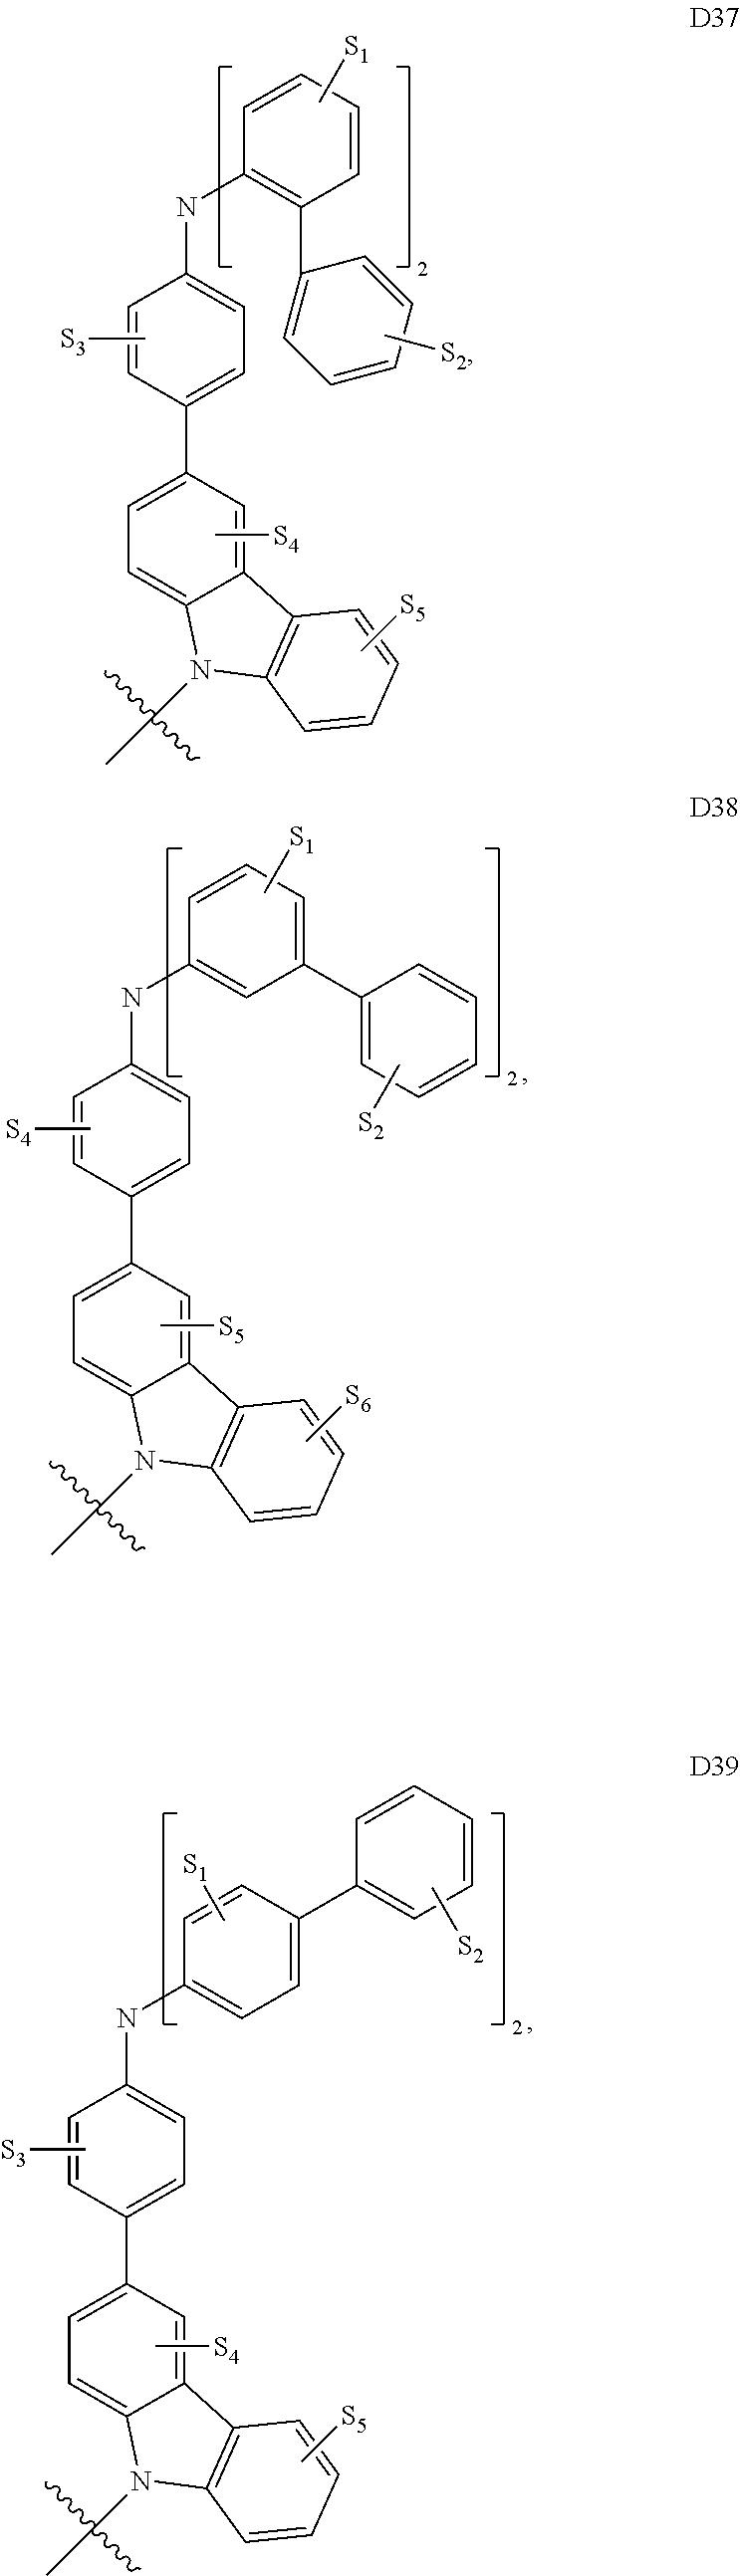 Figure US09324949-20160426-C00057